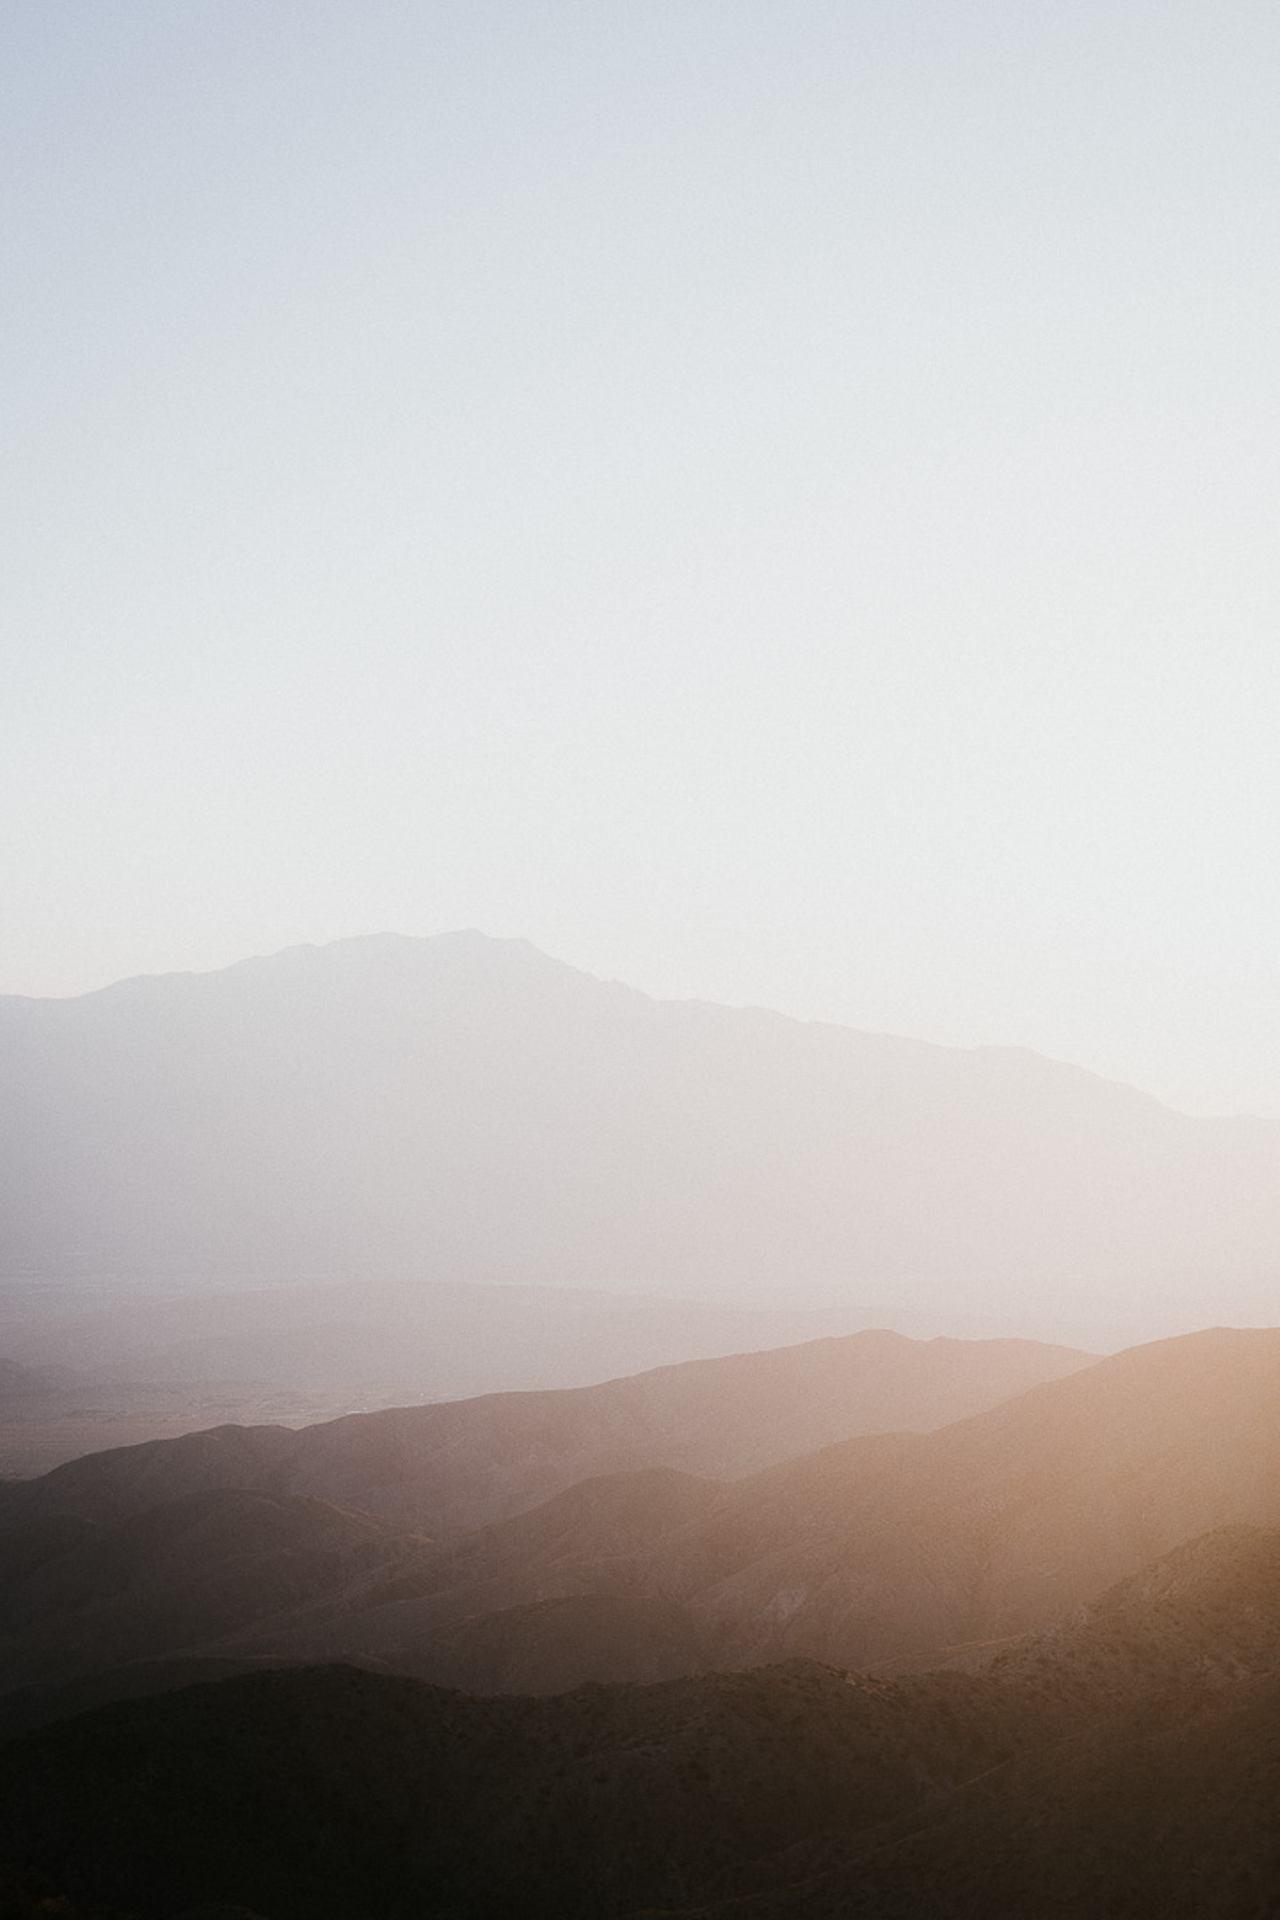 Coucher de soleil sur la désertique vallée de Coachella